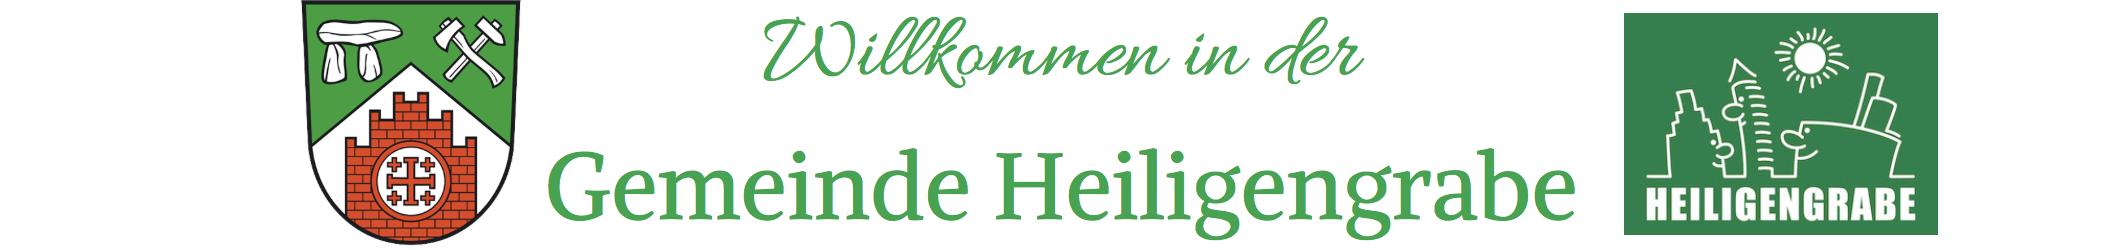 Gemeinde Heiligengrabe [Offizielle Seiten]